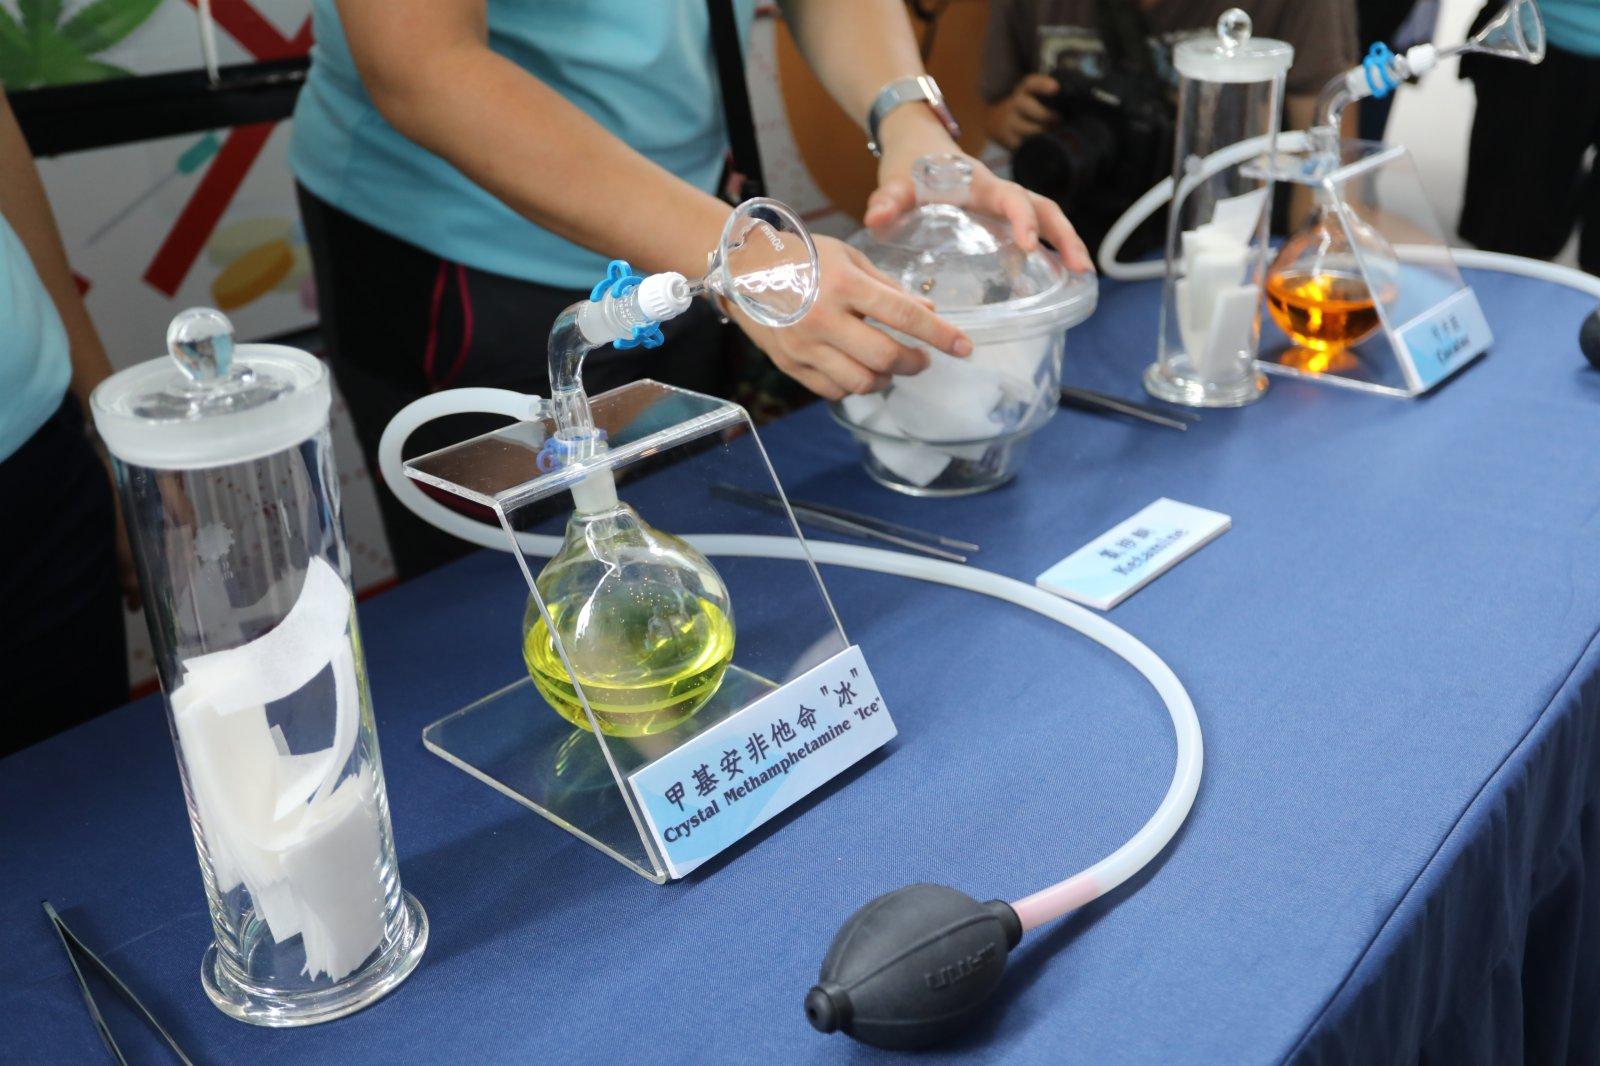 仿製毒品氣味體驗(大公文匯全媒體記者李斯哲攝)